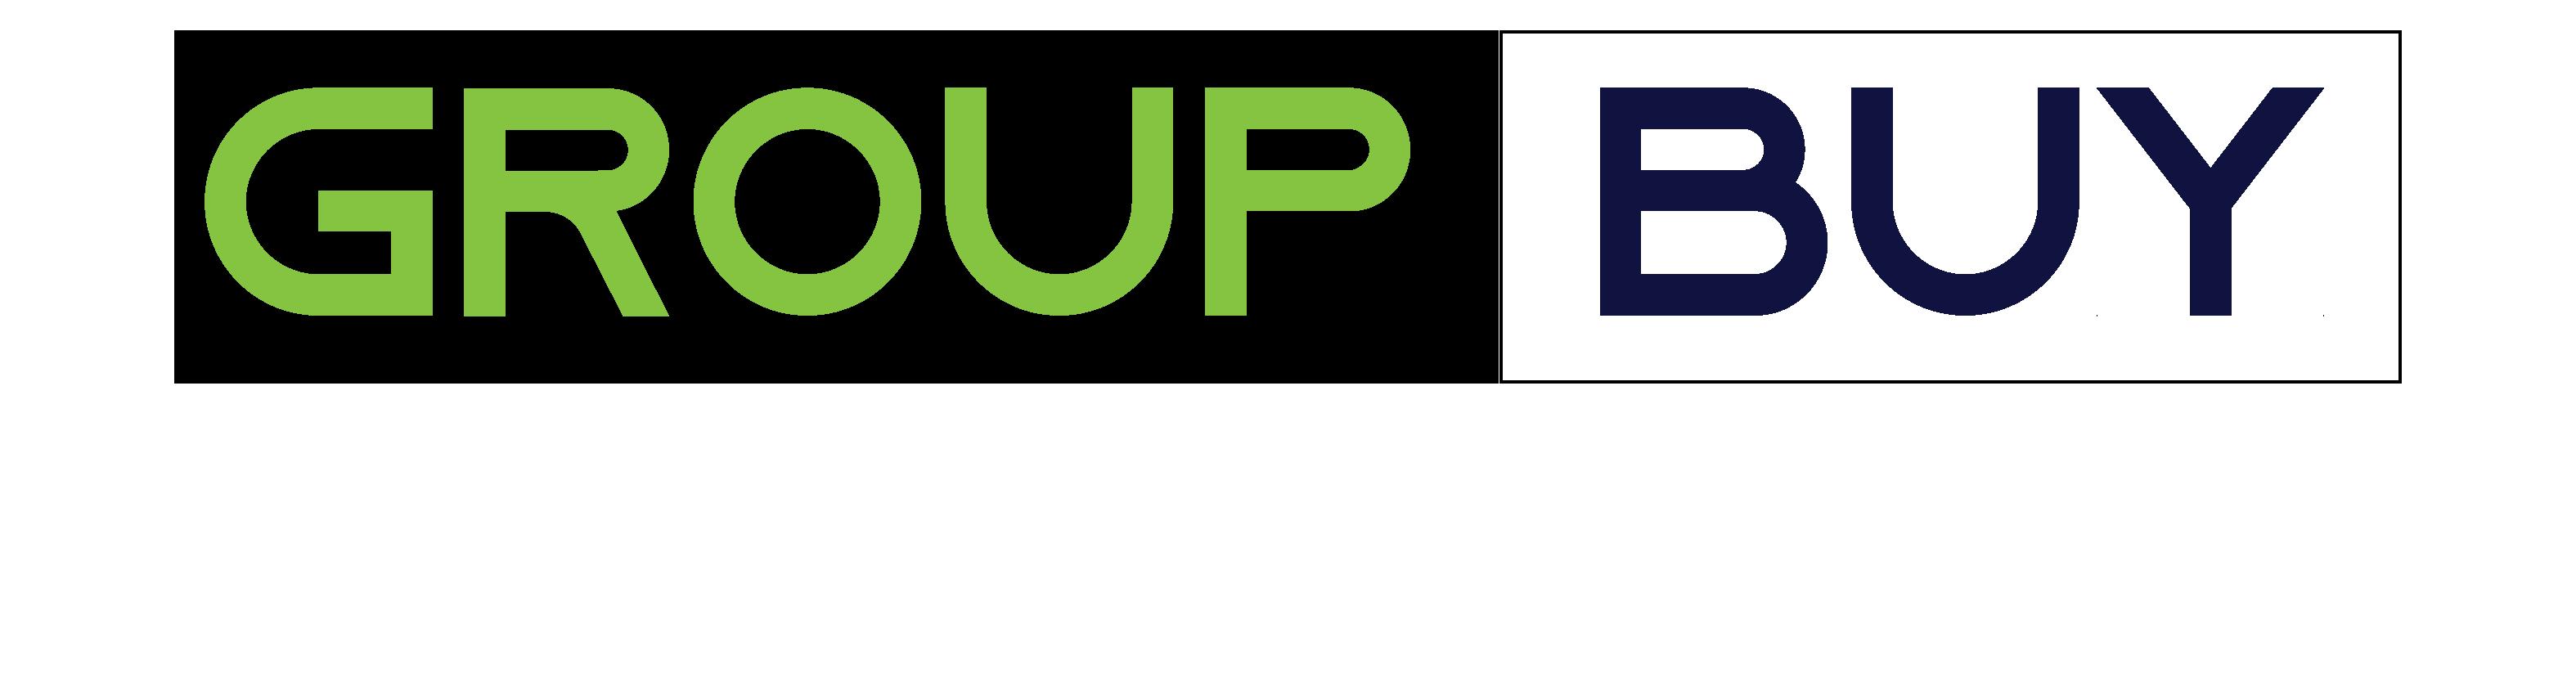 Group-Buy(GB)